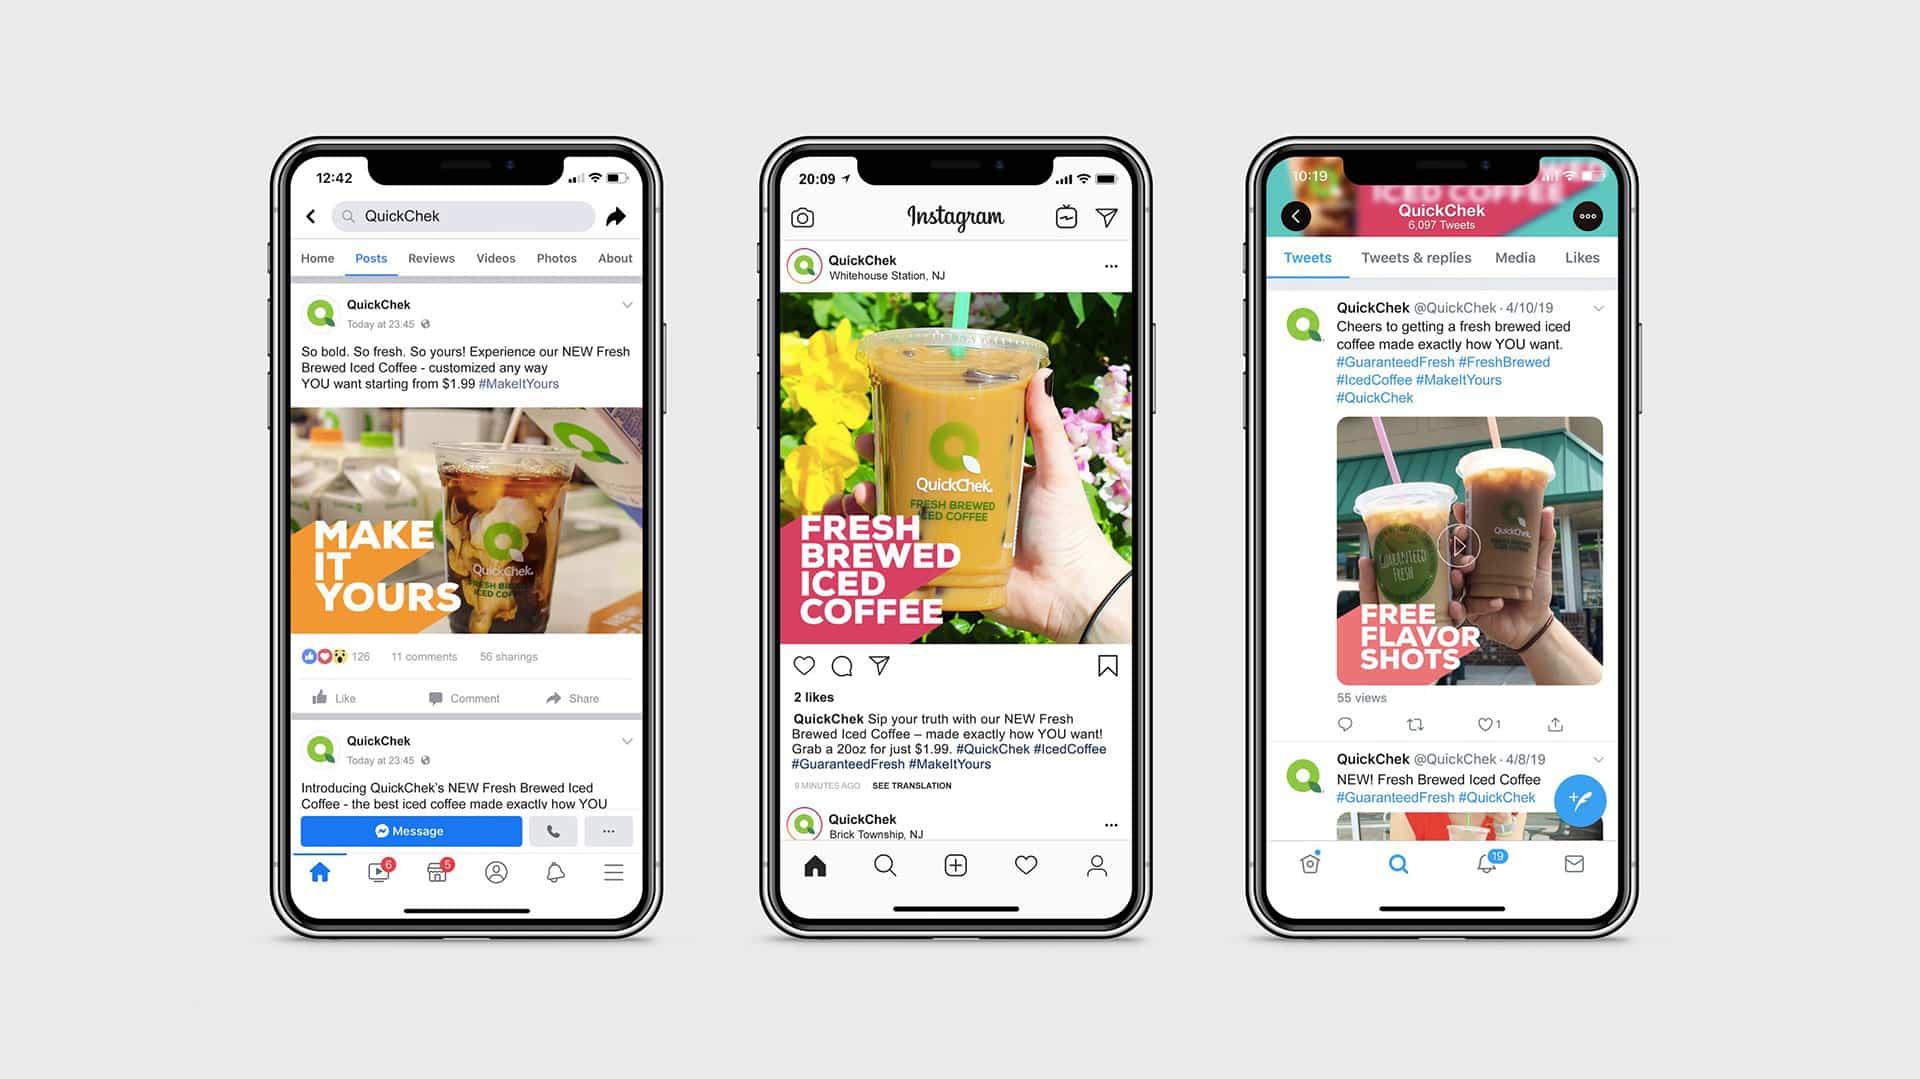 QuickChek Convenience Social Media Marketing